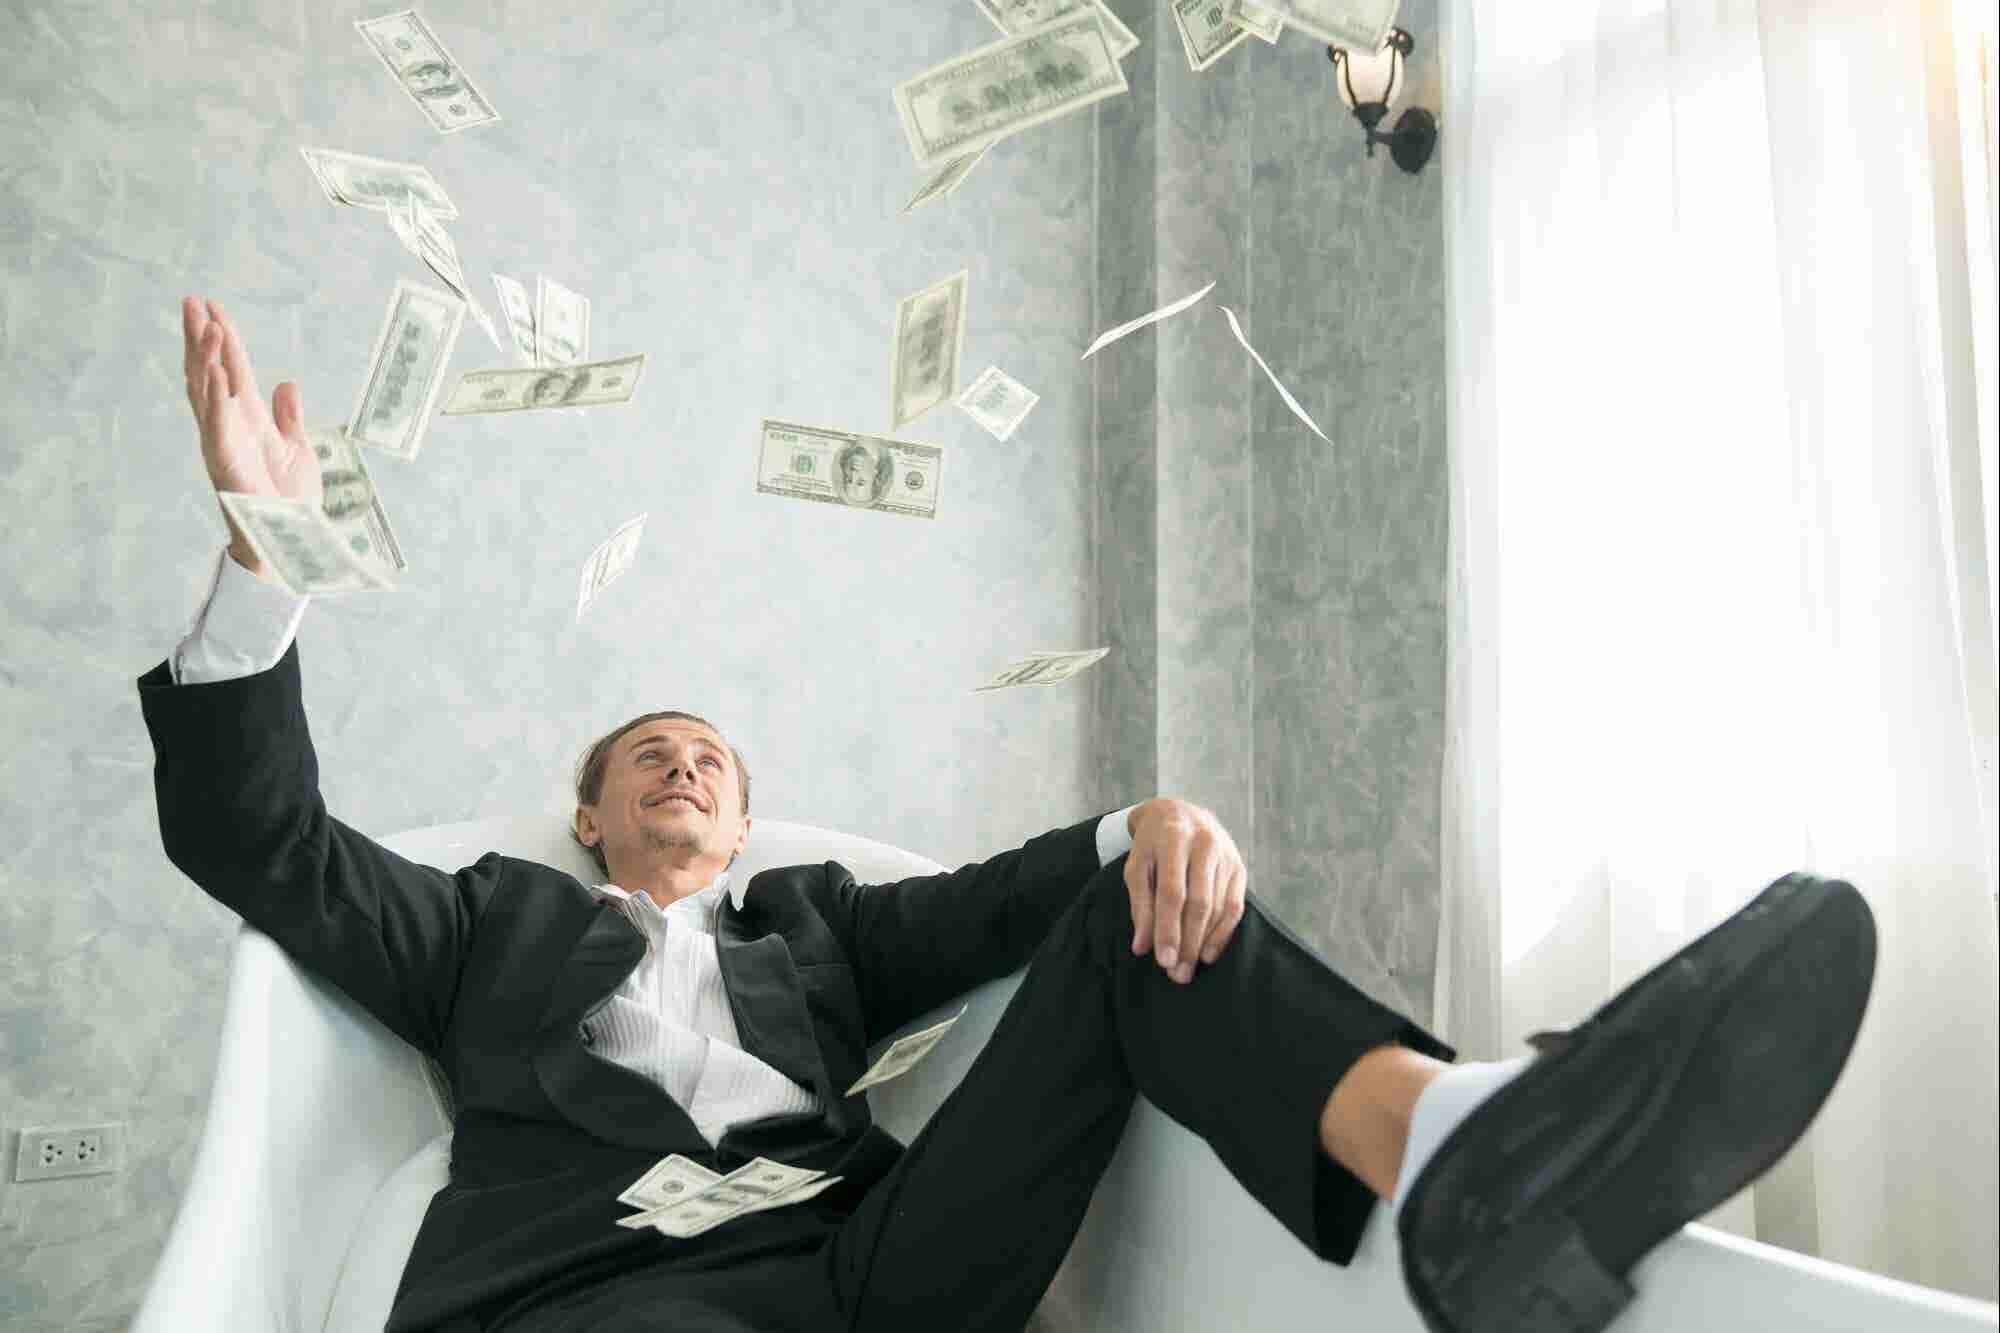 Los 4 errores en los que caen los emprendedores cuando empiezan a ganar dinero de verdad